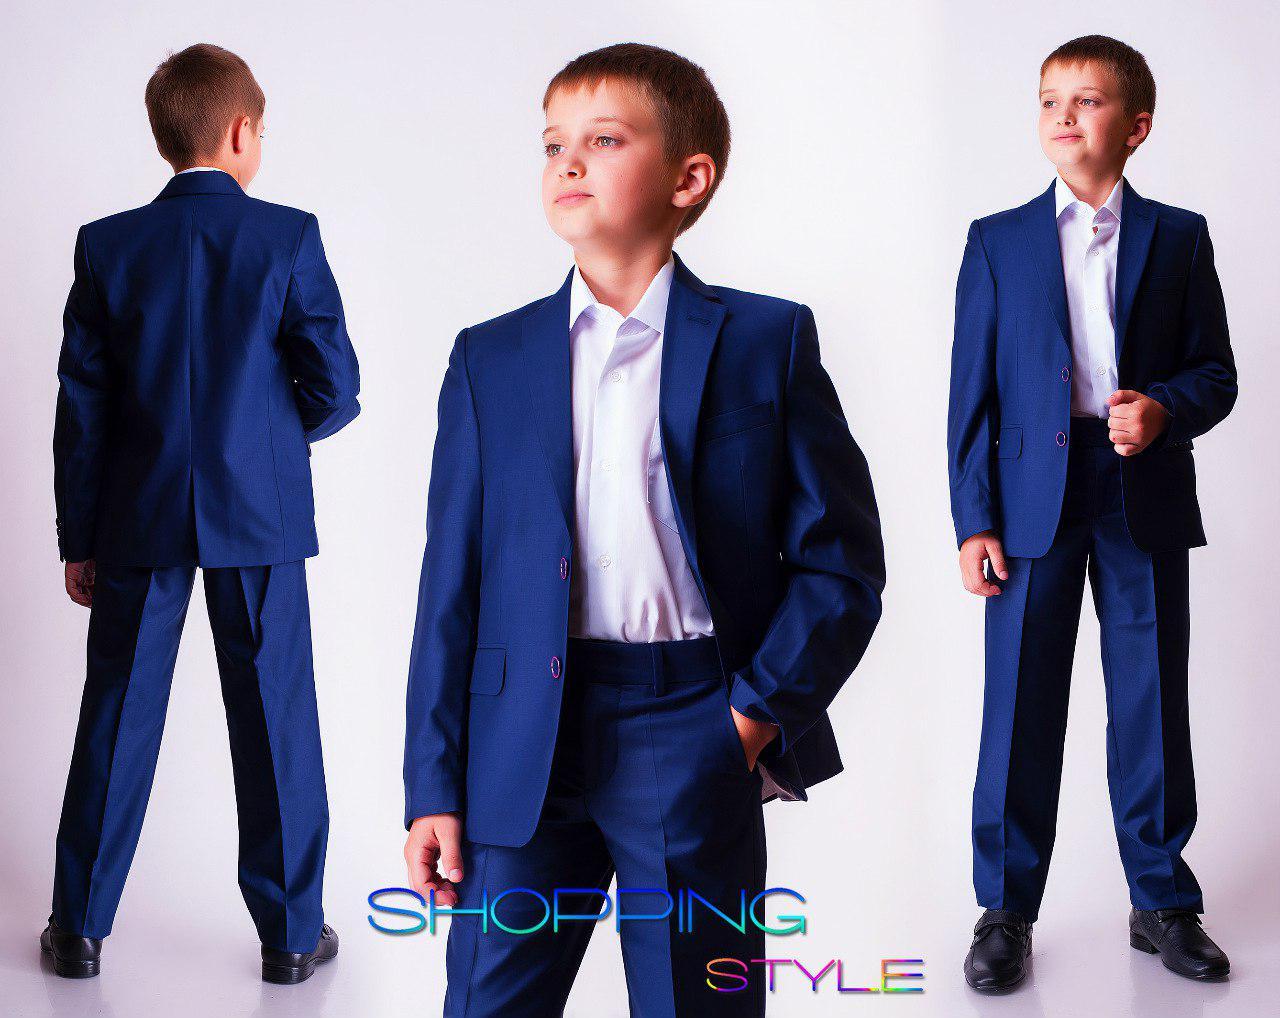 Костюм детский школьный для мальчика синий размеры 122-146 40дол и р.152-174 45дол